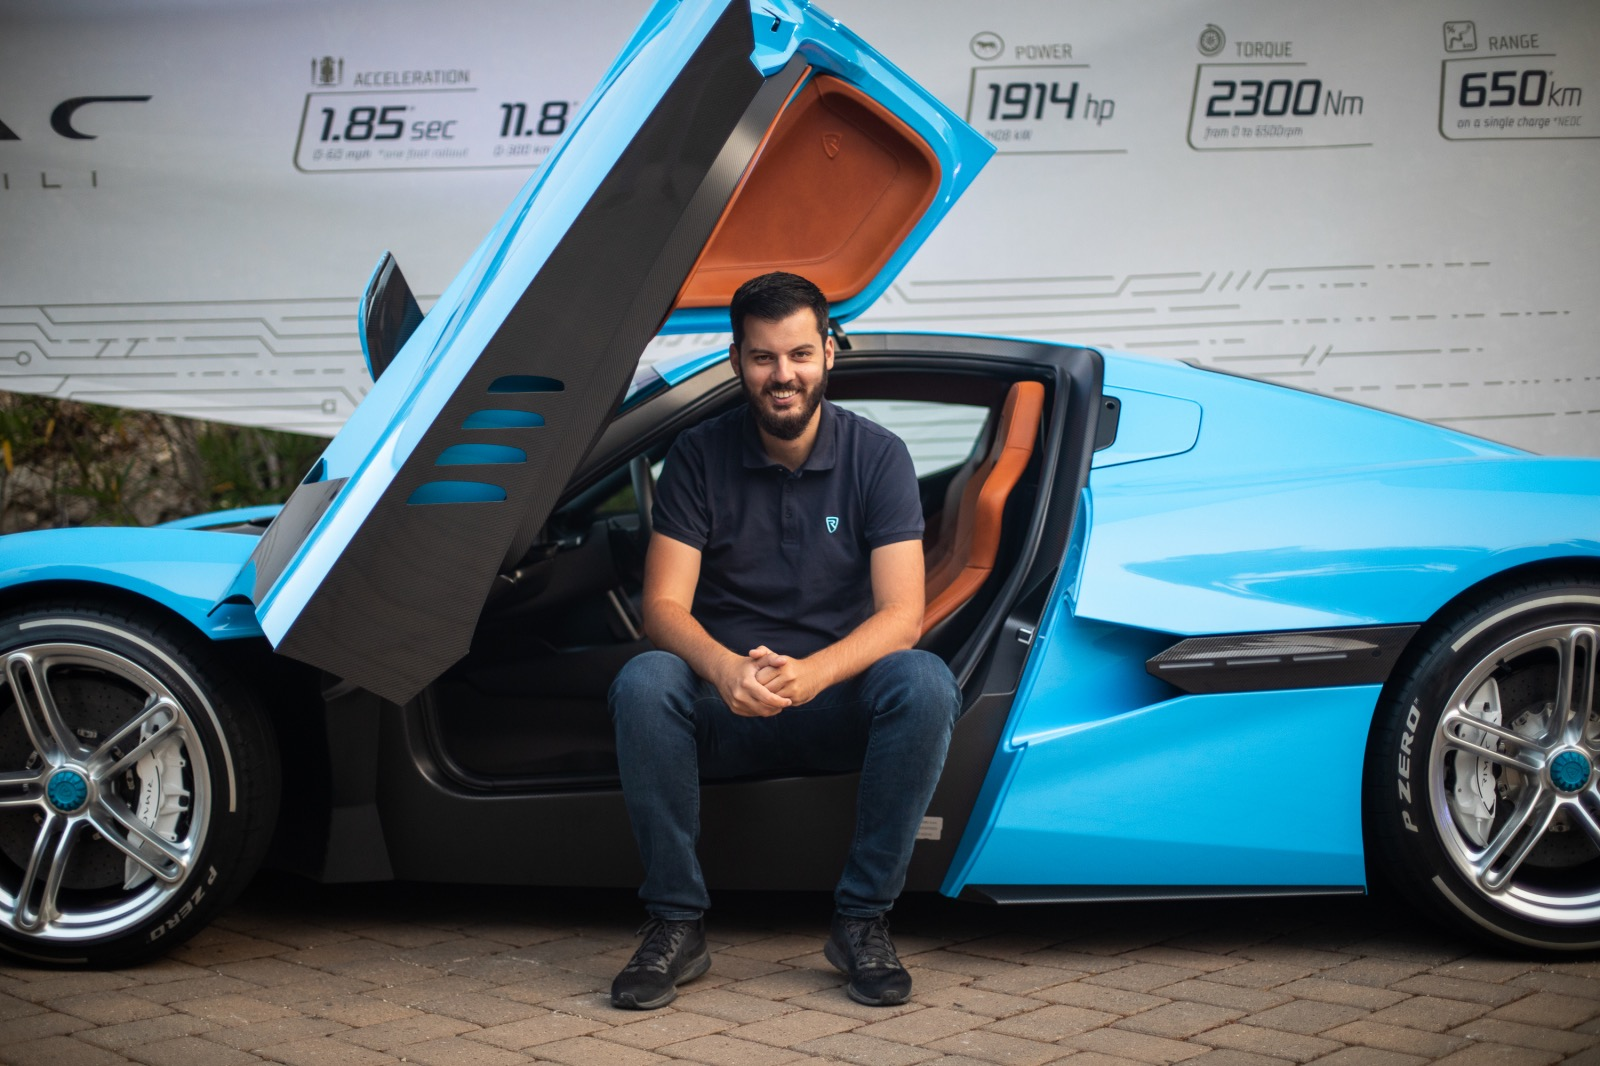 Γιατί ο Όμιλος Volkswagen θέλει να πουλήσει τη Bugatti στη Rimac;